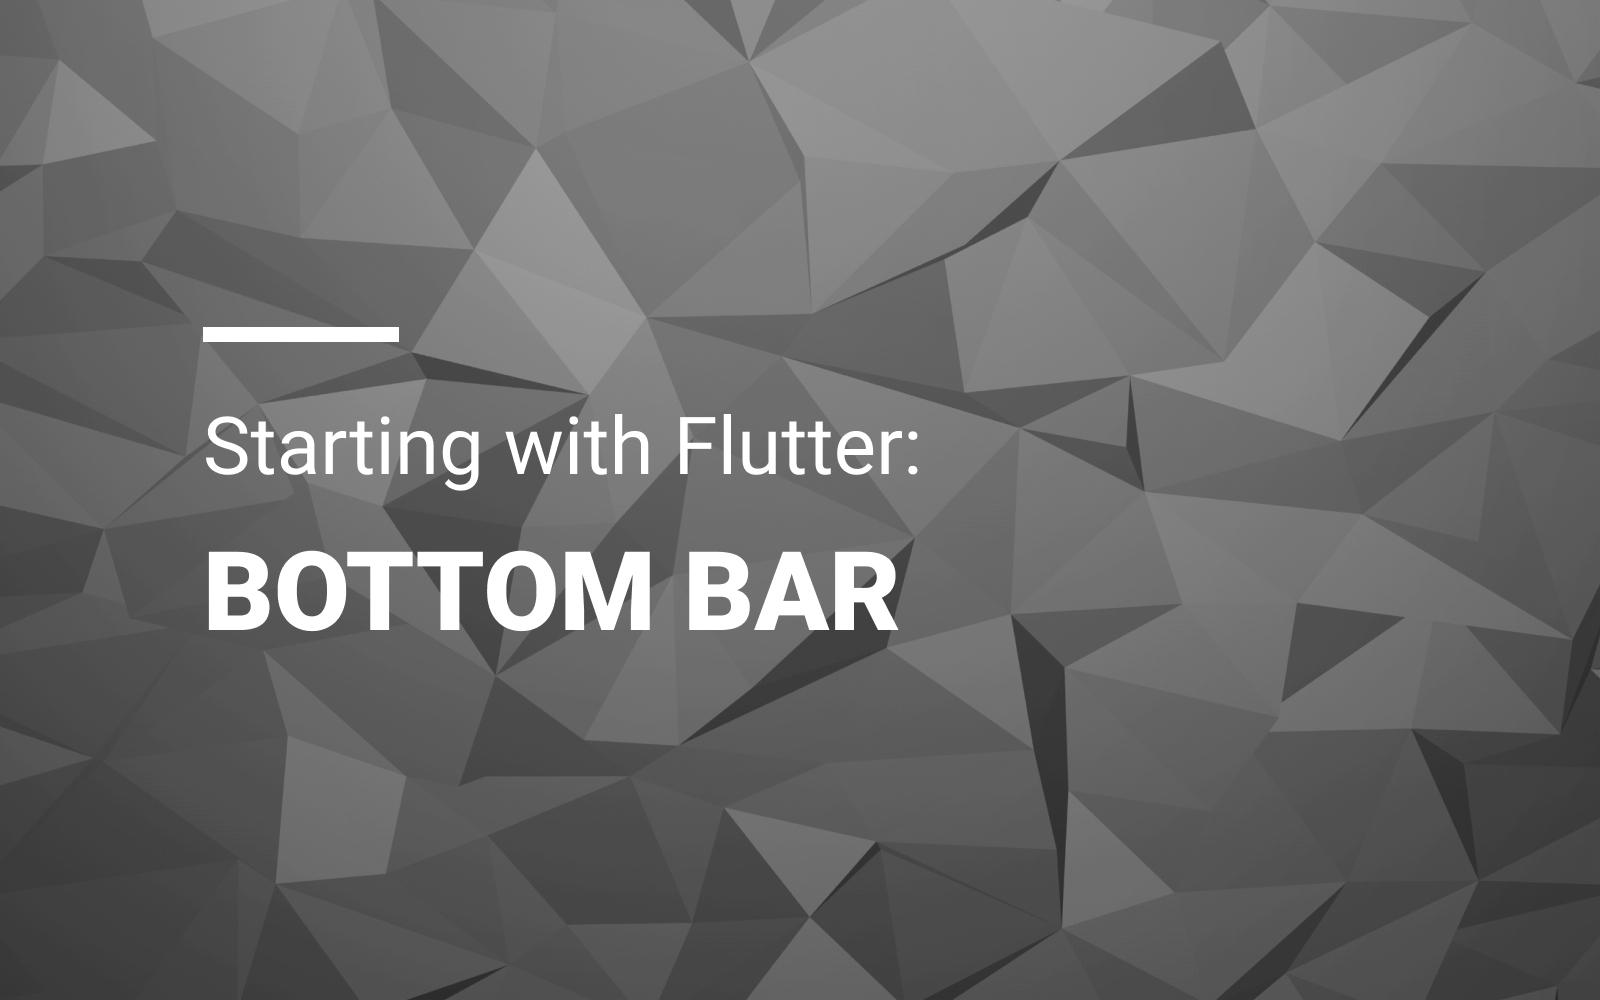 Starting With Flutter: Bottom Bar